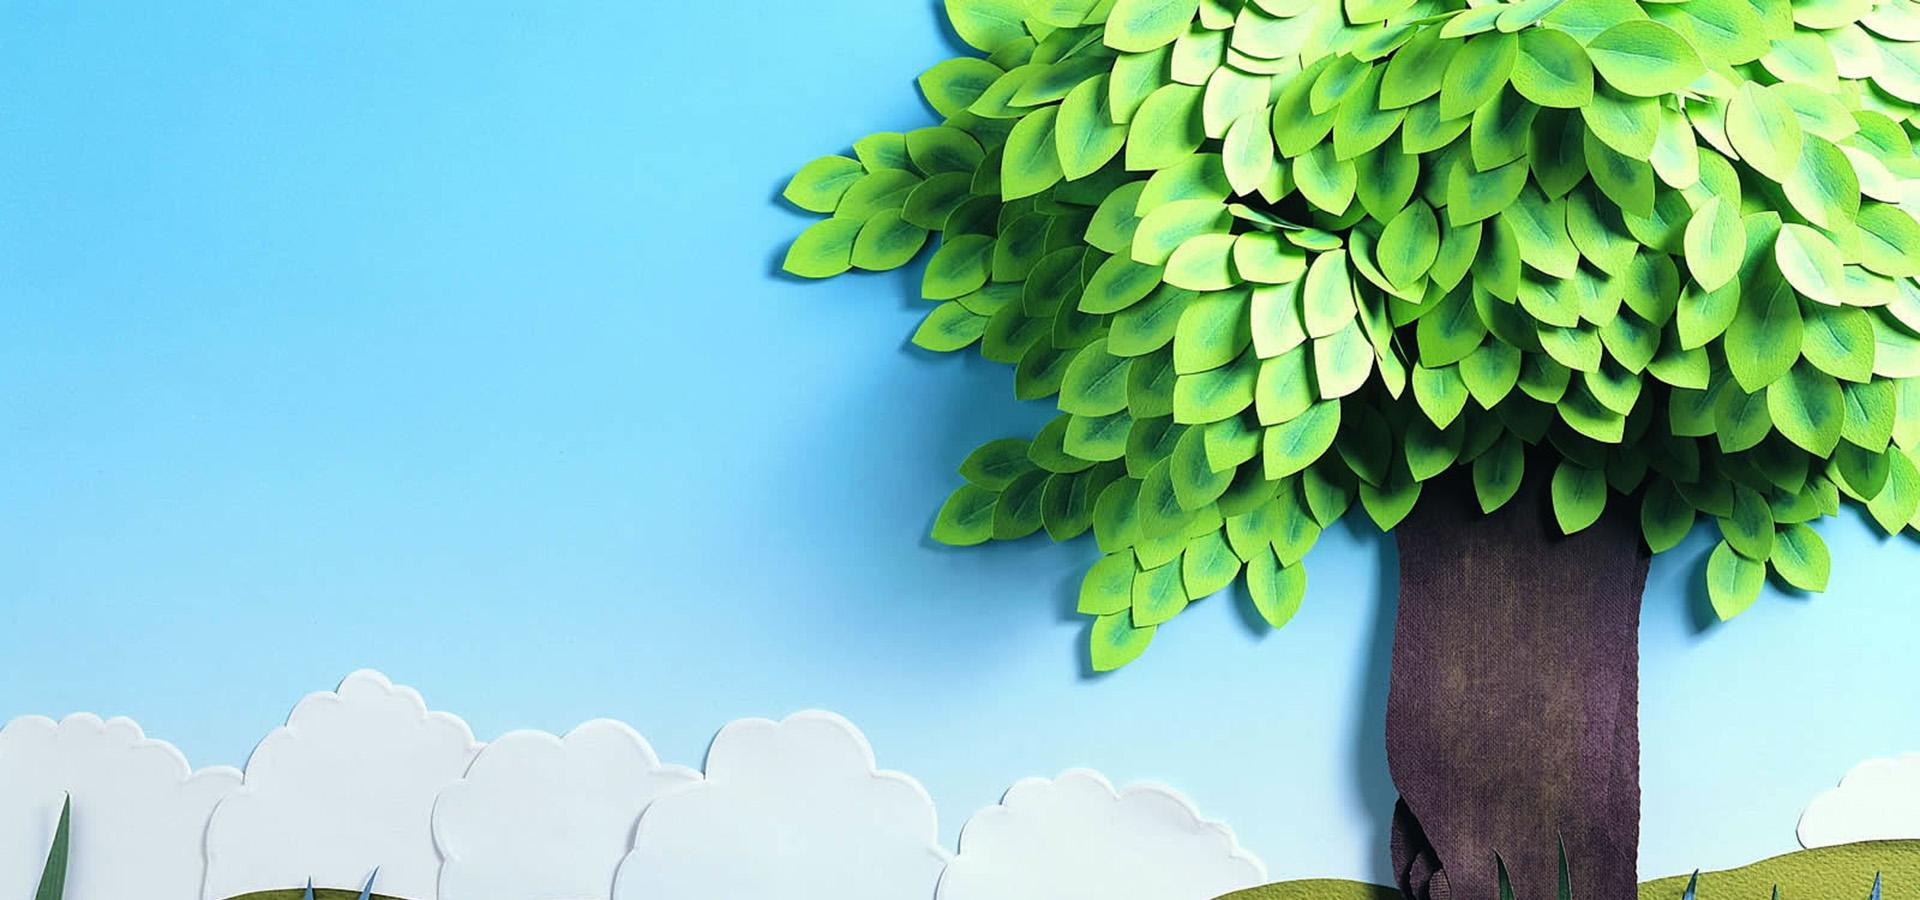 Cartoon Background, Cartoon, Trees, Giant Background Image ...